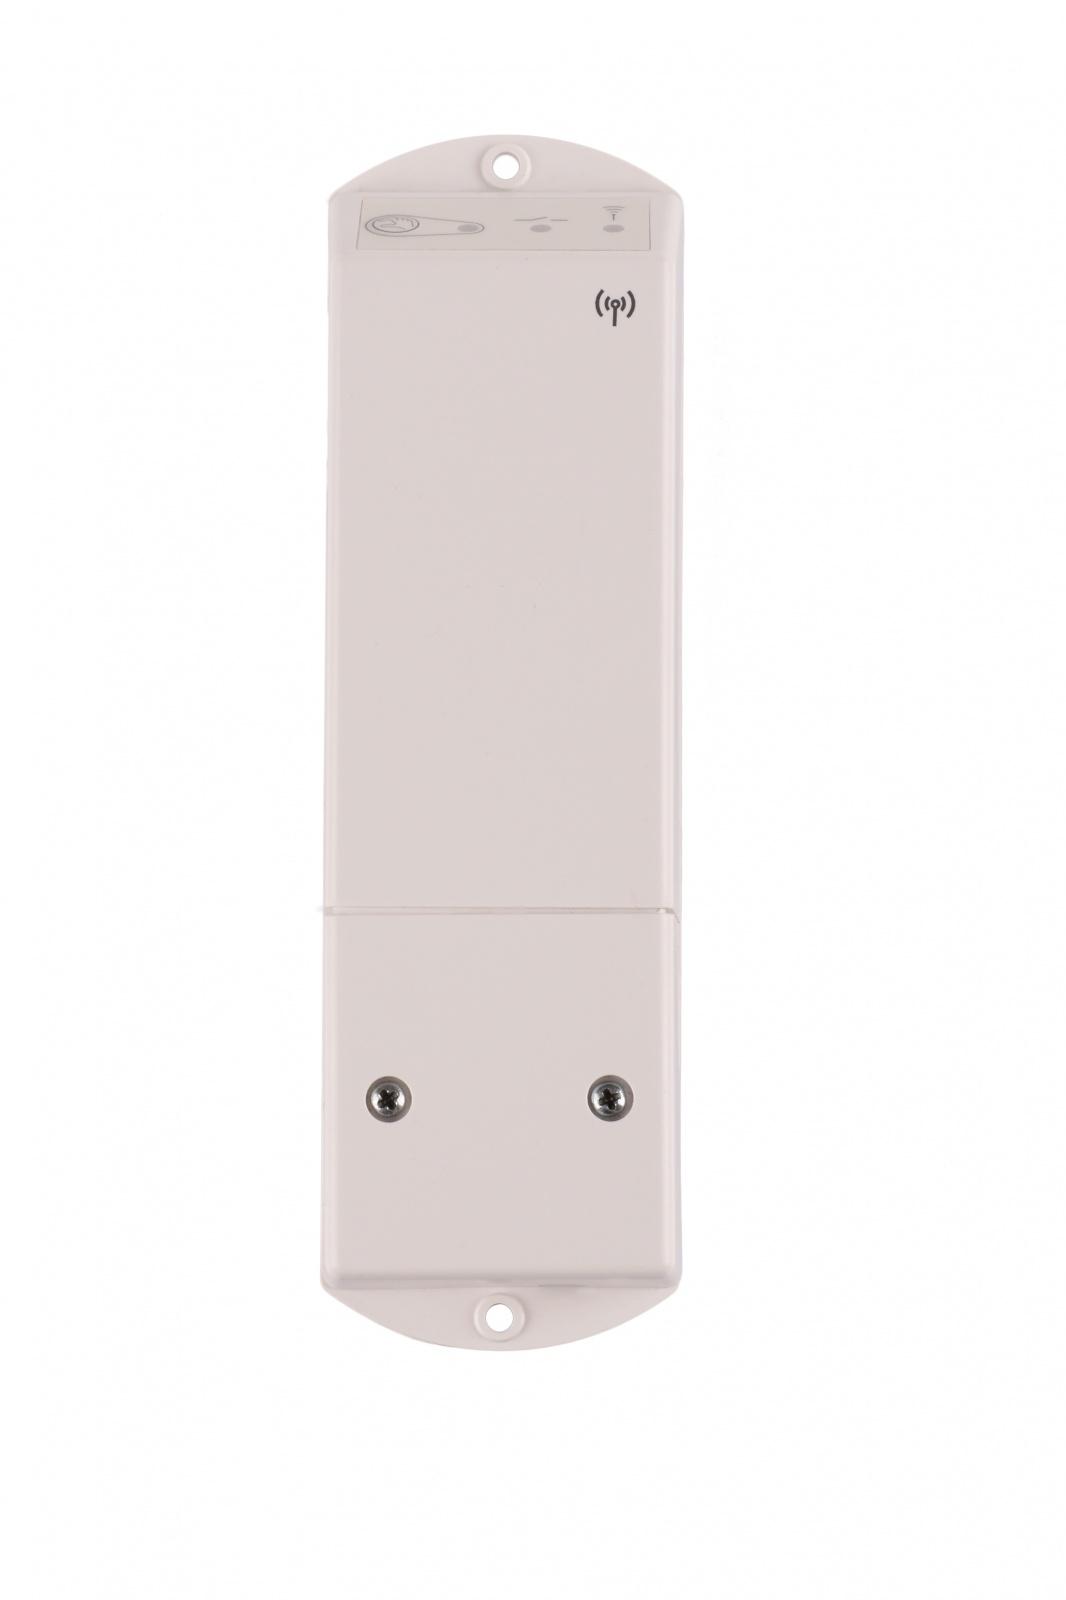 Радиомодуль WattsТерморегуляторы<br>Тип: электронный,<br>Назначение: для теплого пола,<br>Управление: электронное,<br>Способ монтажа: скрытой установки,<br>Степень защиты от пыли и влаги: IP 30,<br>Количество зон: 1<br>